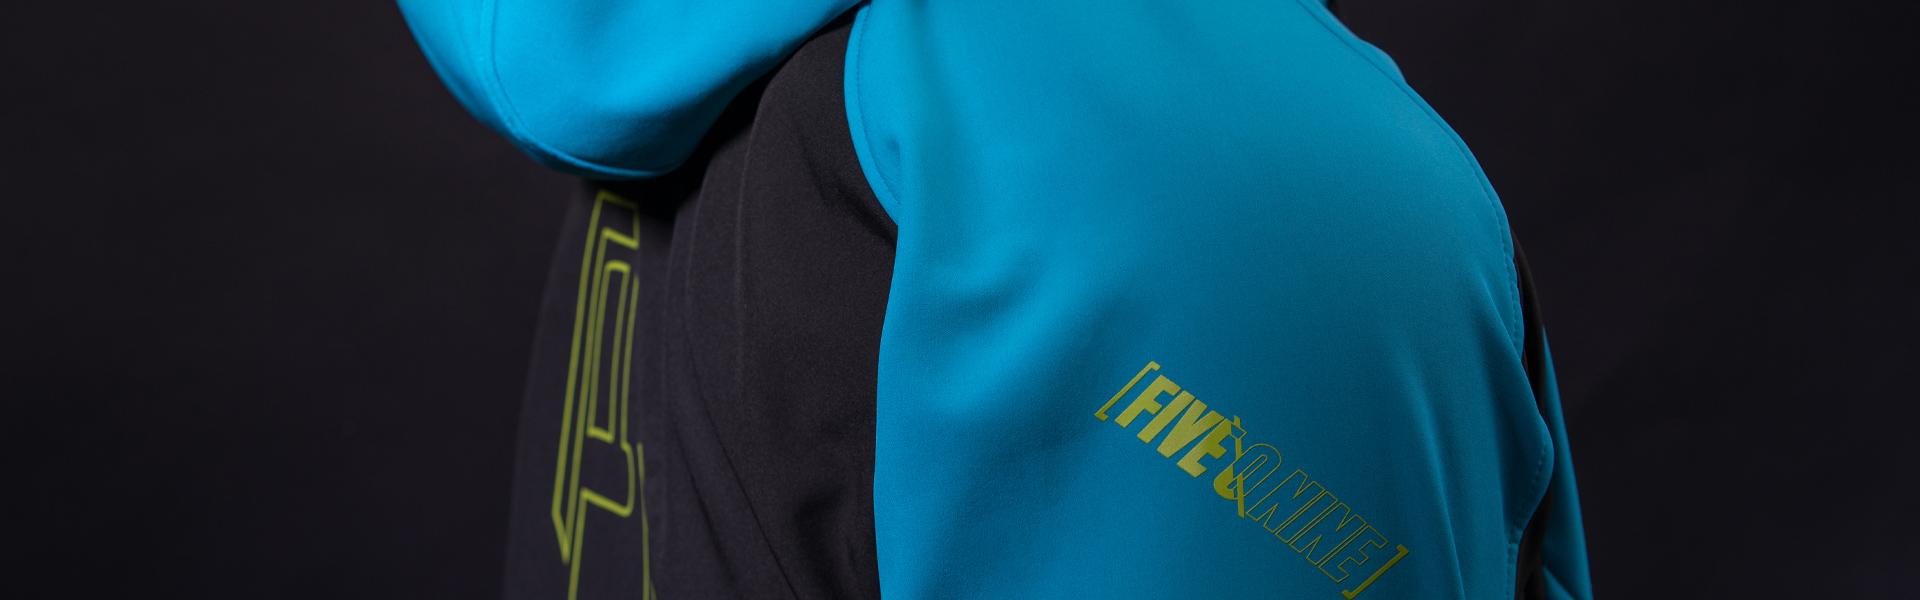 509 Blue Hi-Vis Tactical Elite Softshell Jacket